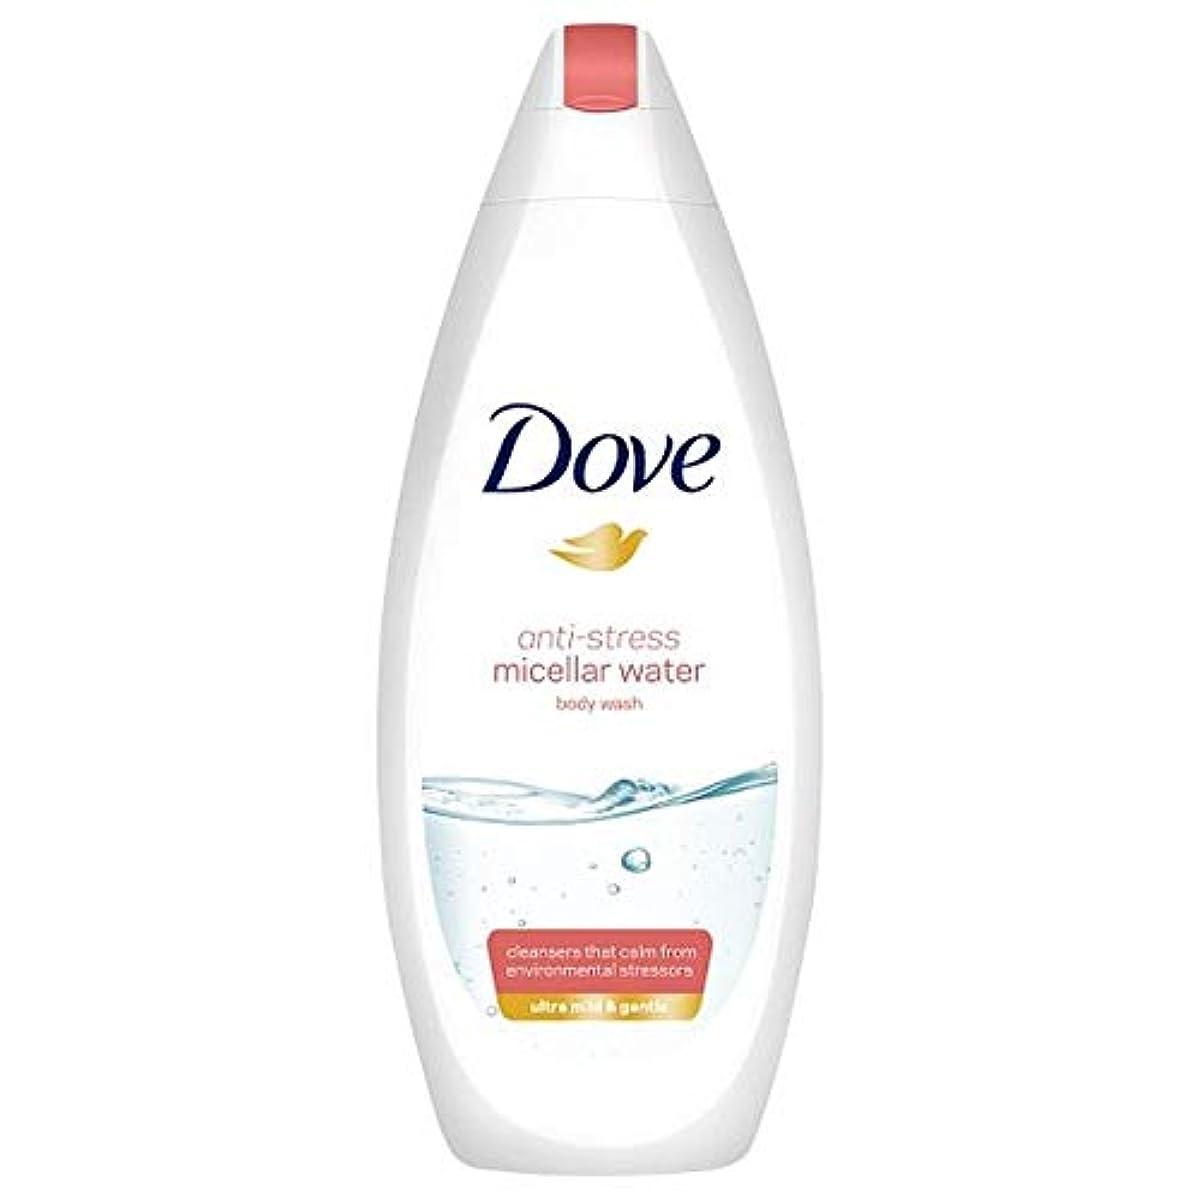 交換黙厚さ[Dove] 鳩ミセルボディウォッシュ抗ストレス500ミリリットル - Dove Micellar Body Wash Anti Stress 500Ml [並行輸入品]